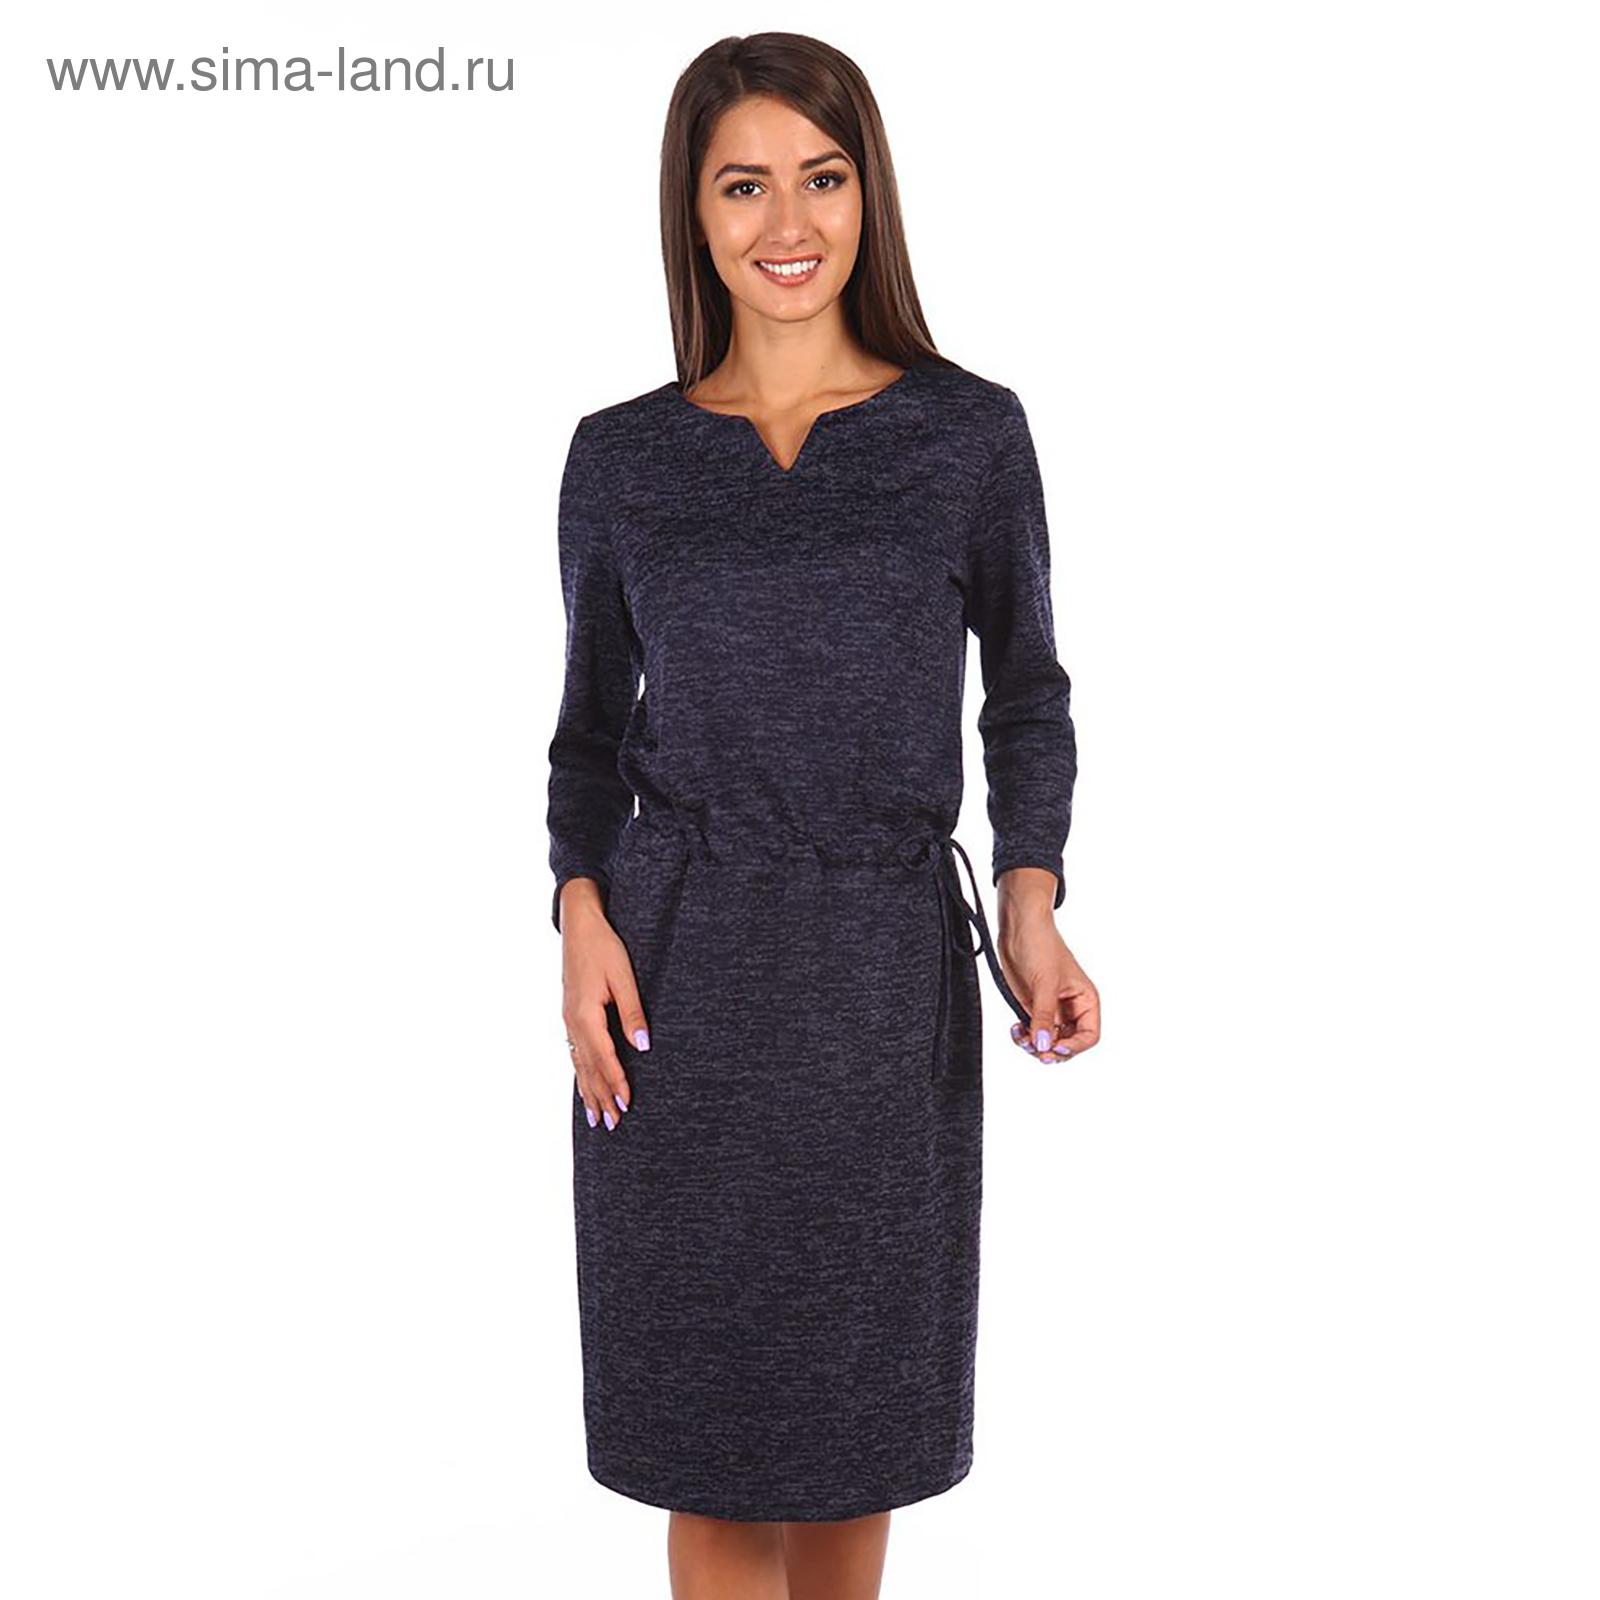 d0d47ab891ff Платье женское Эмма, цвет тёмно-синий, размер 44 (2299) - Купить по ...